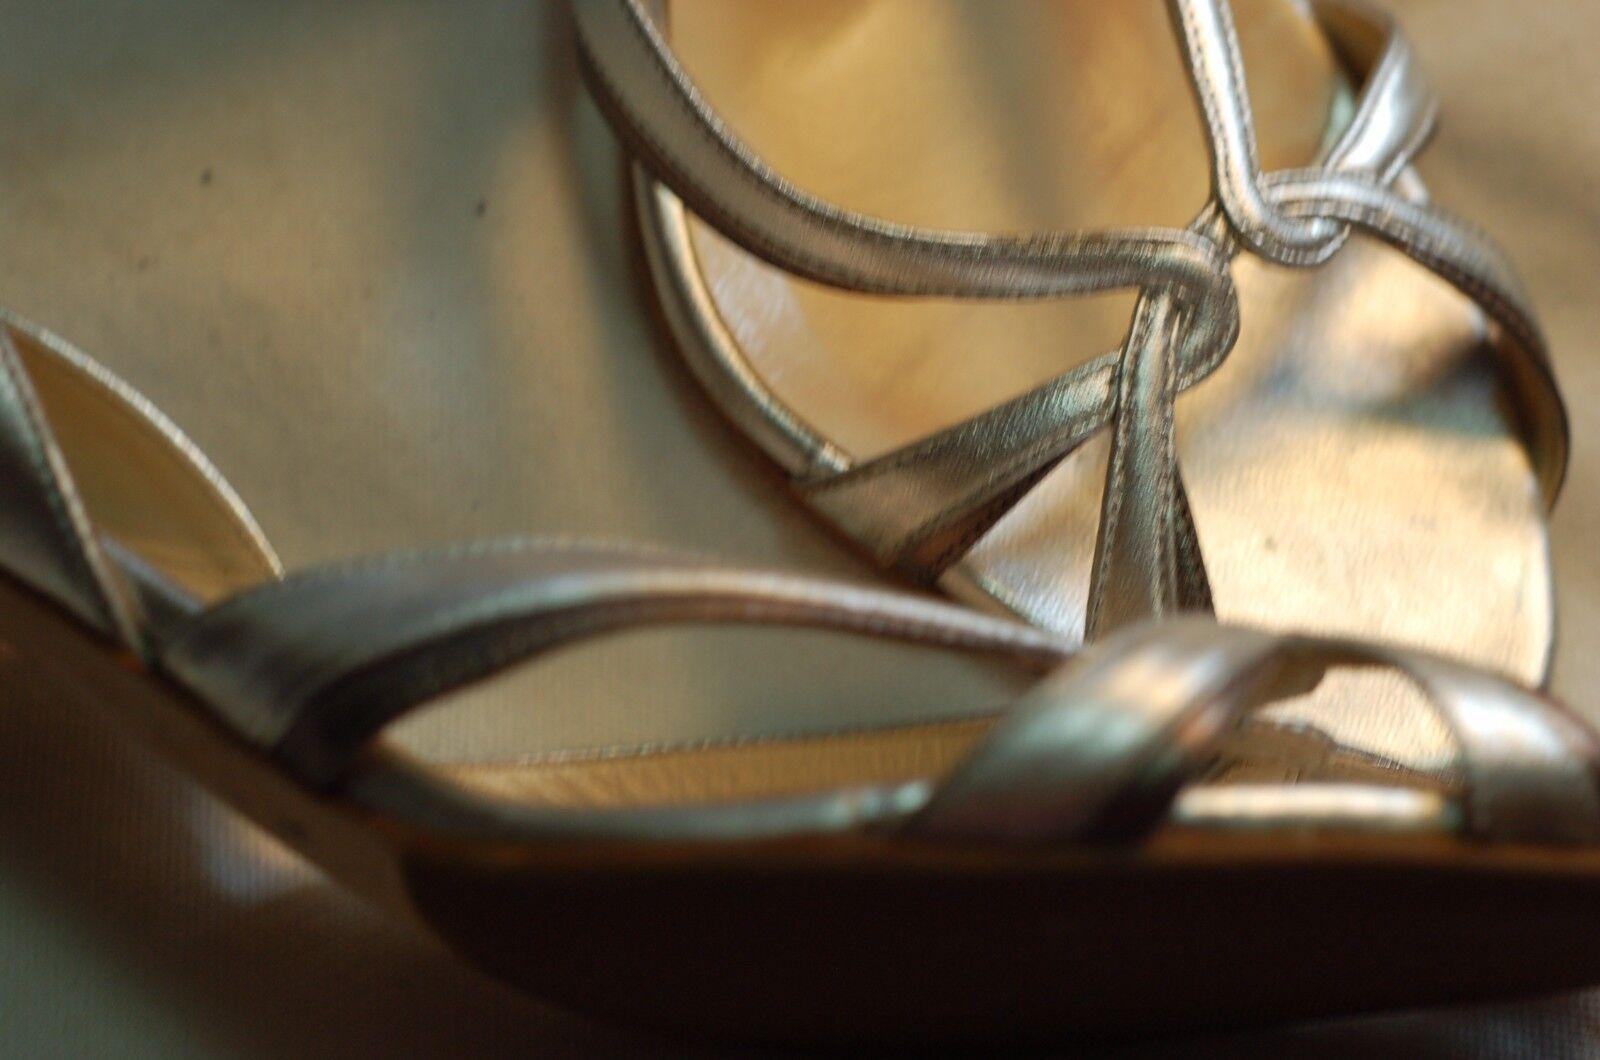 Jimmy Choo Heels  Silver Metallic Leder Heels Choo Sandales Schuhes Größe 40 Made in  8386b1